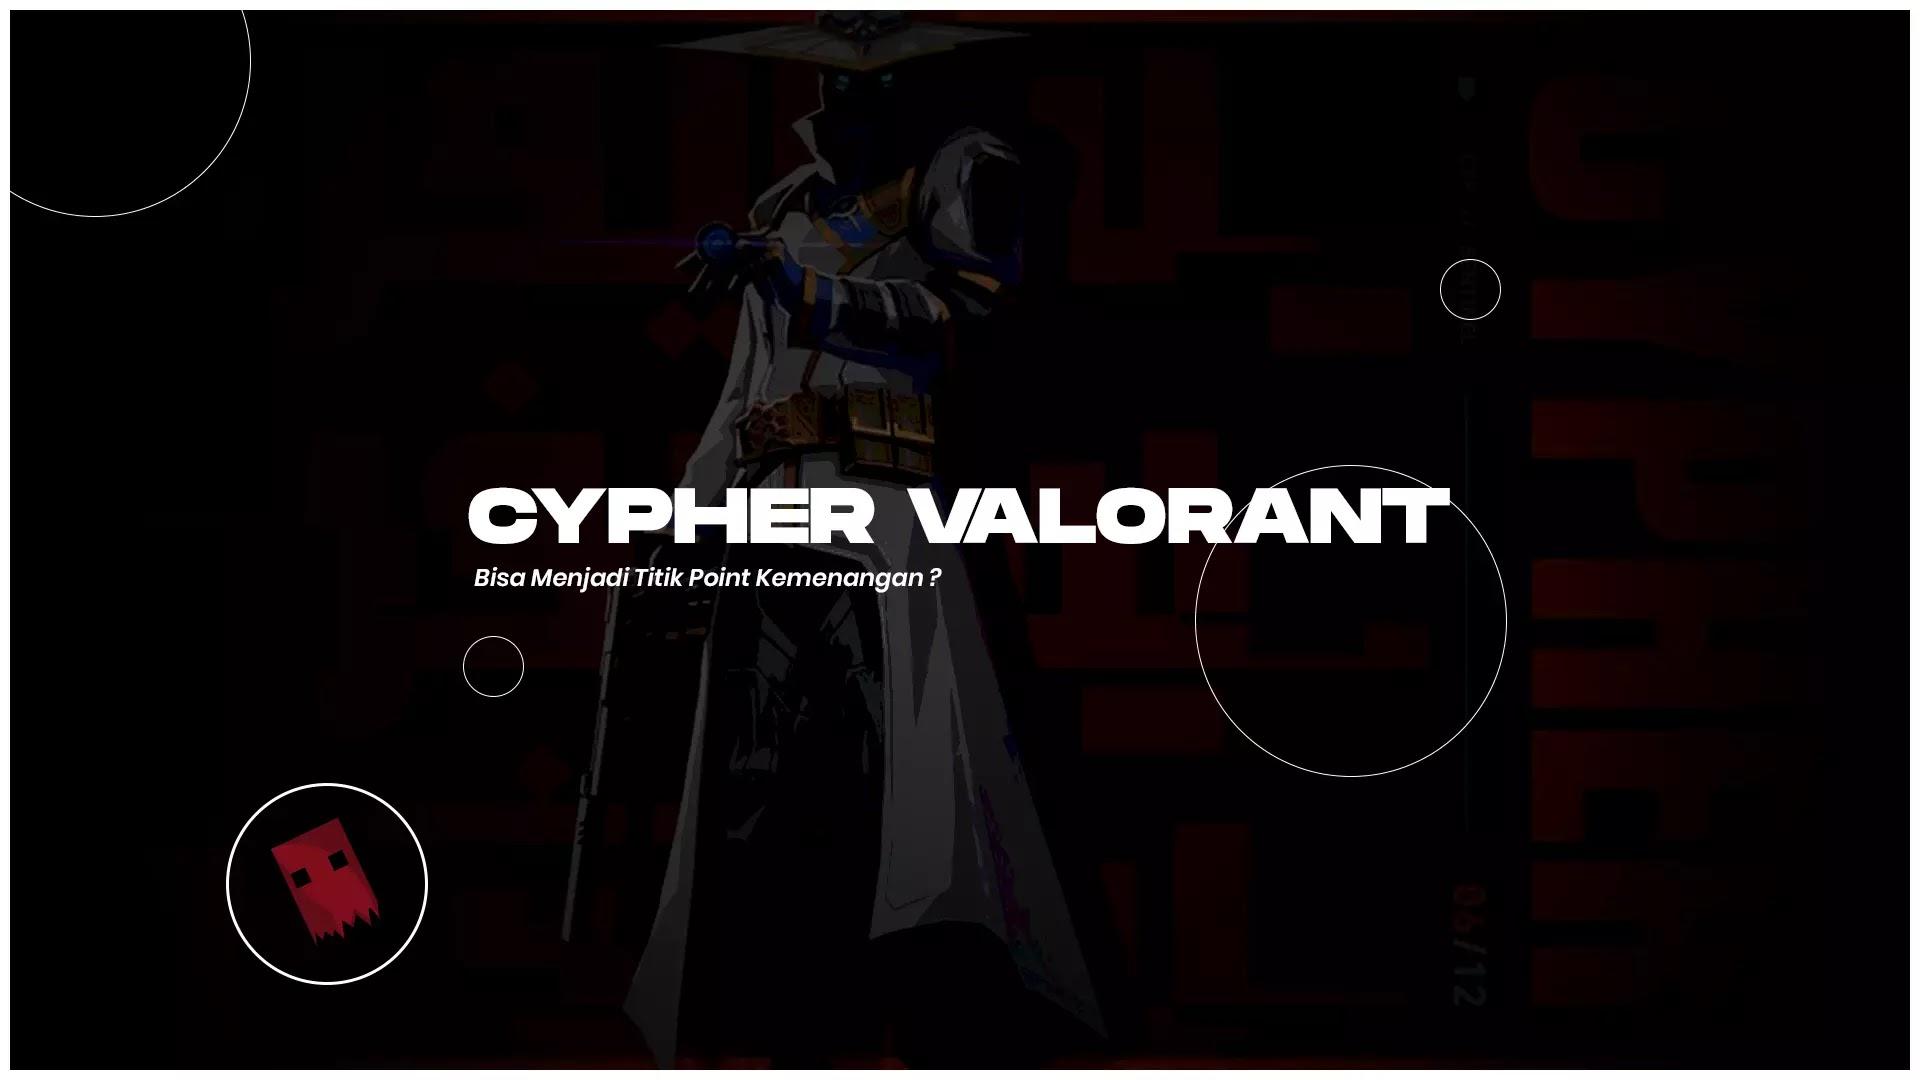 Cypher Valorant - Bisa Menjadi Titik Point Kemenangan ?